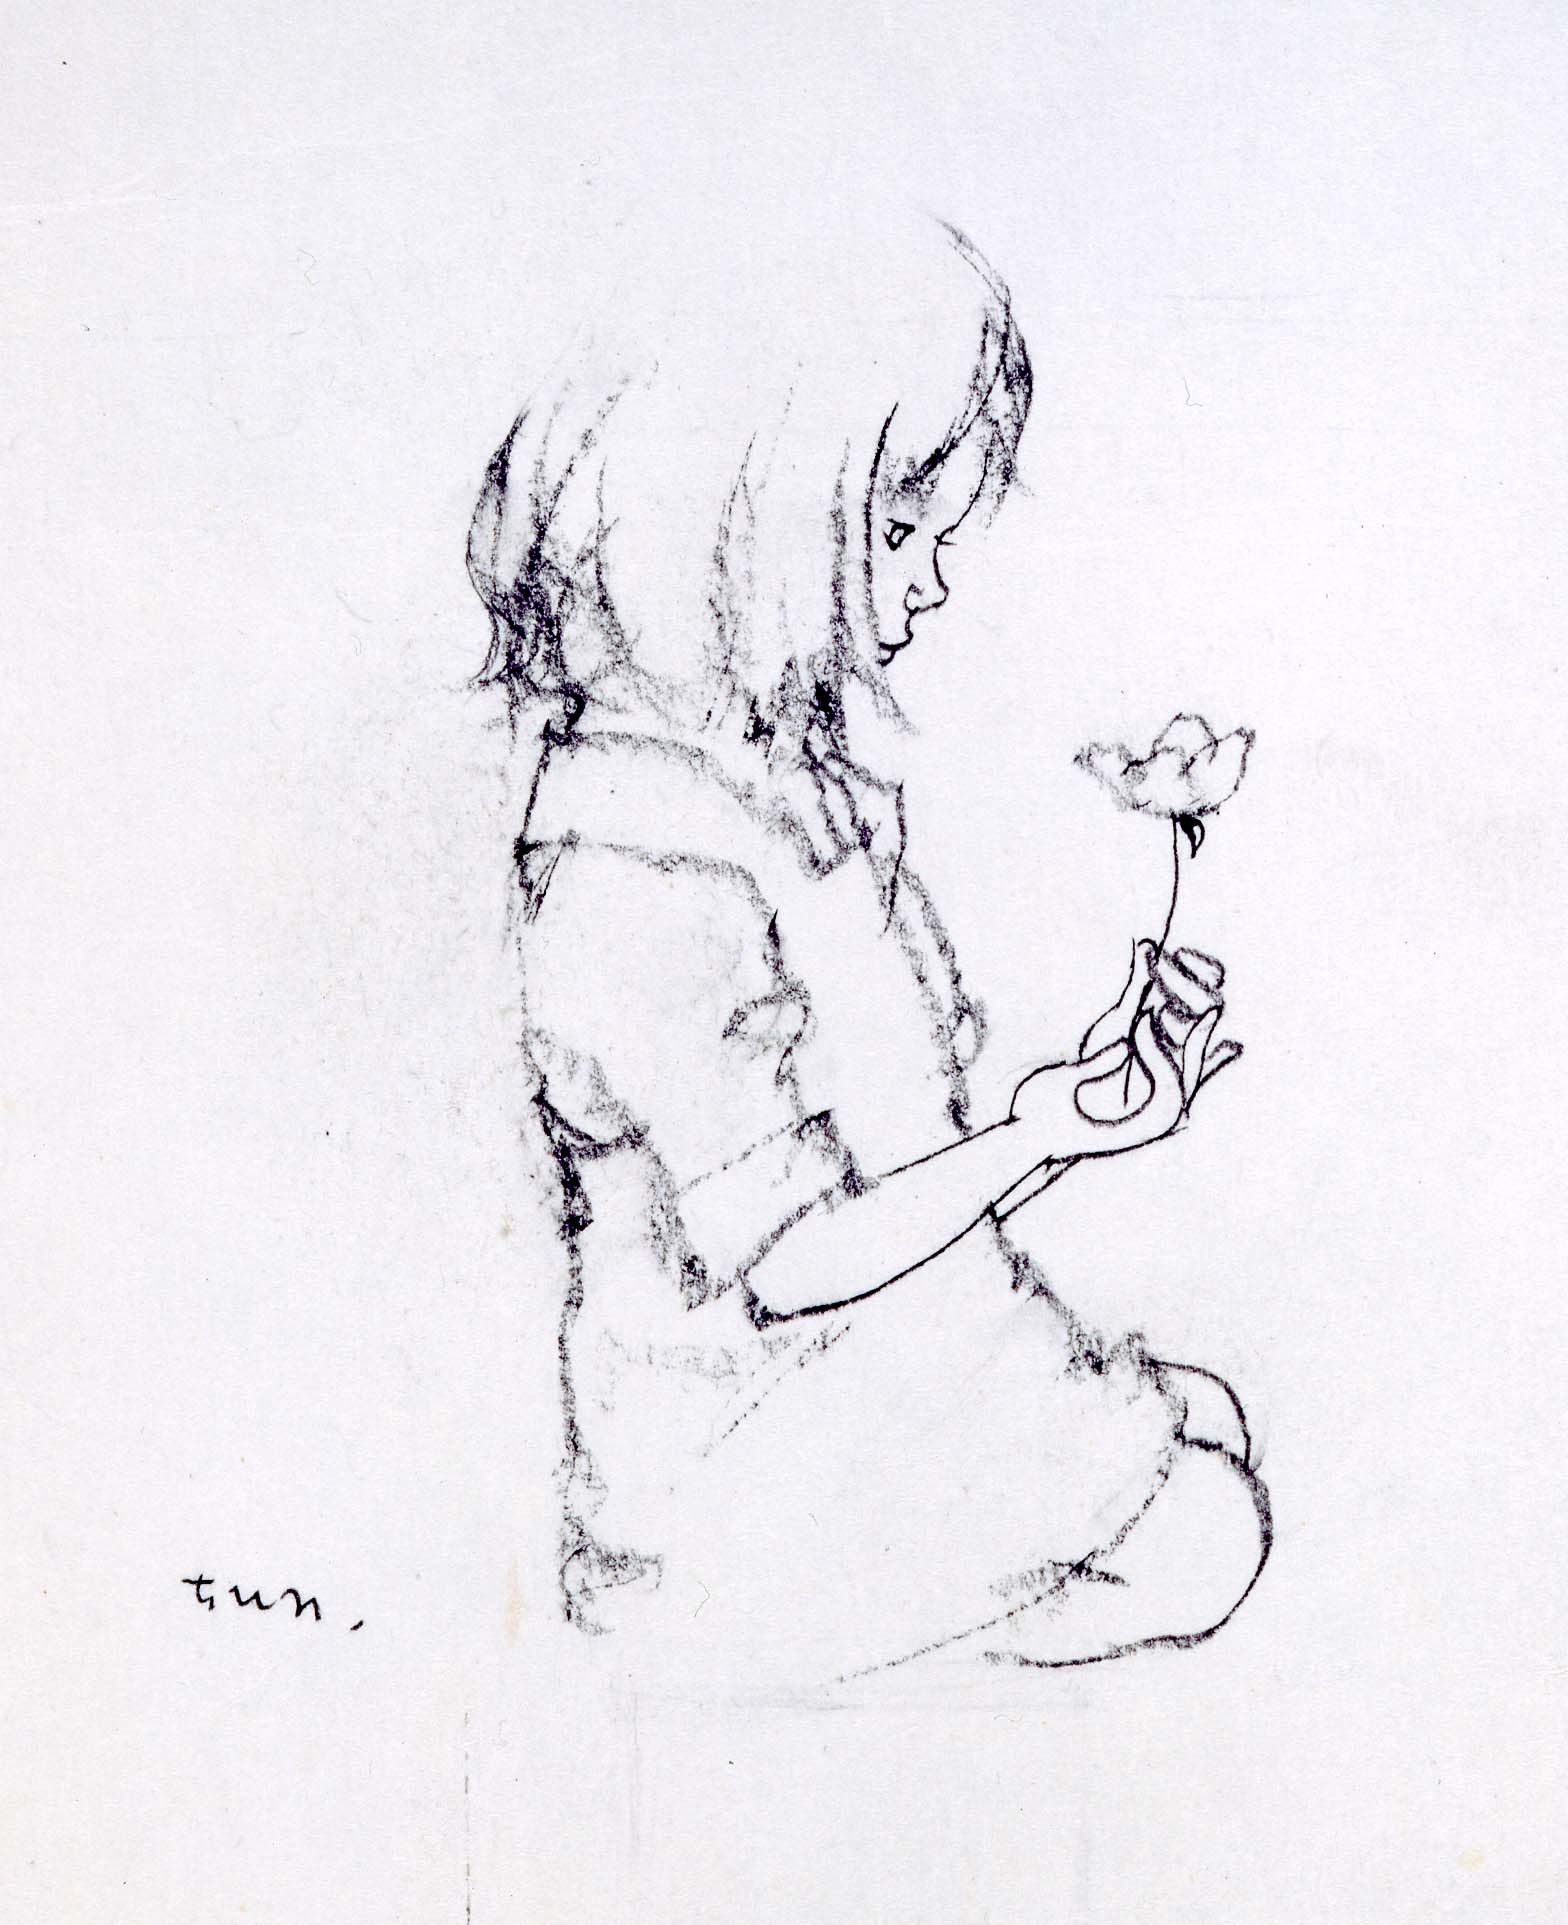 Chihiro Iwasaki Images